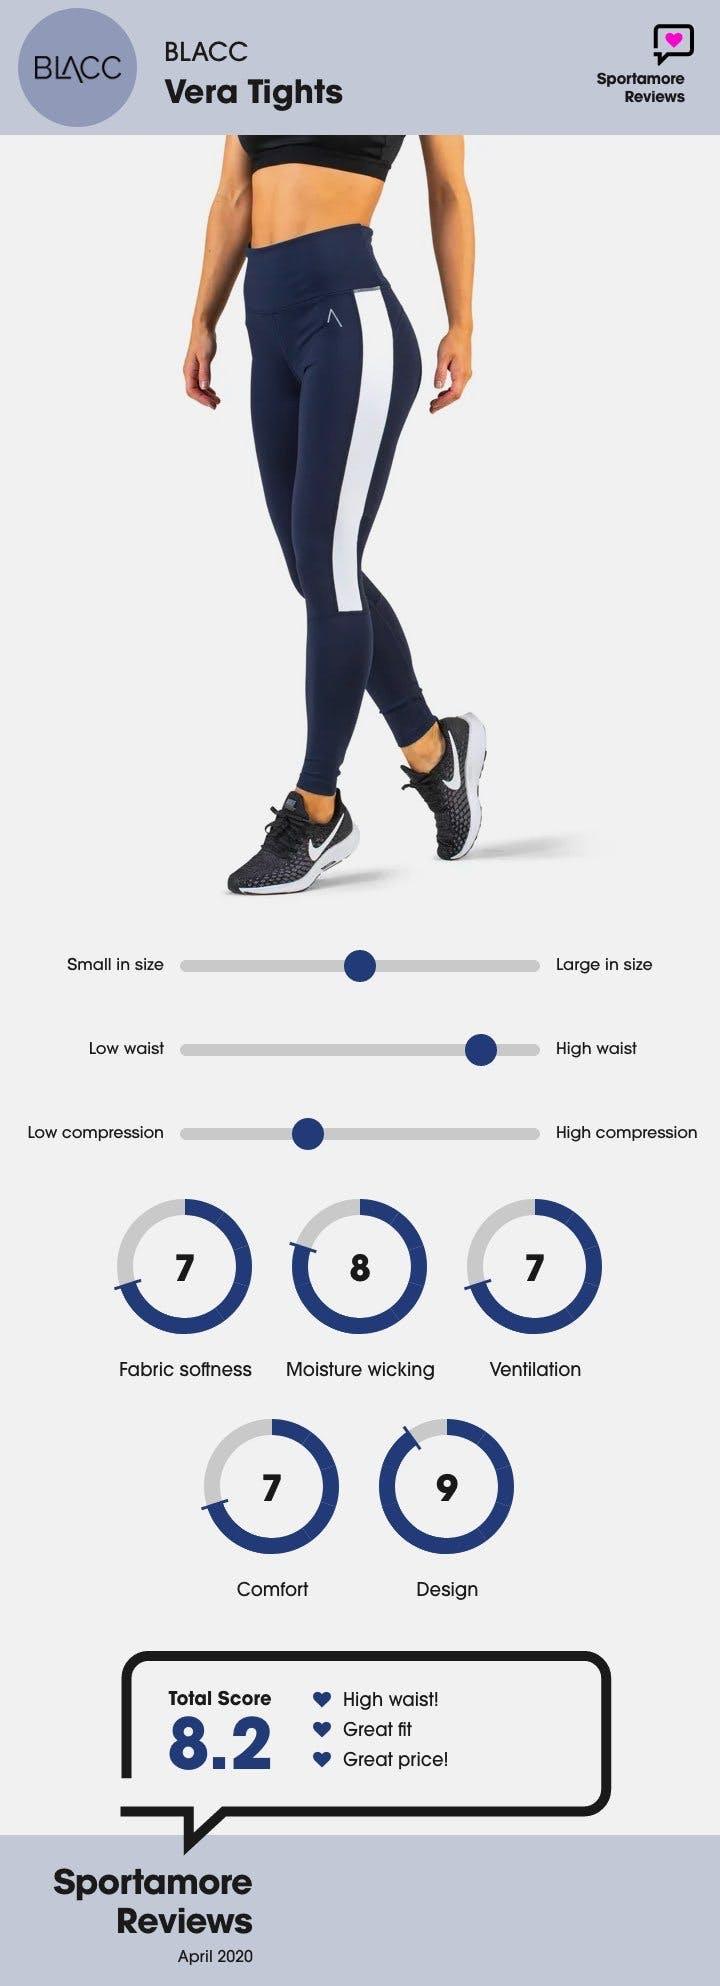 vera tights